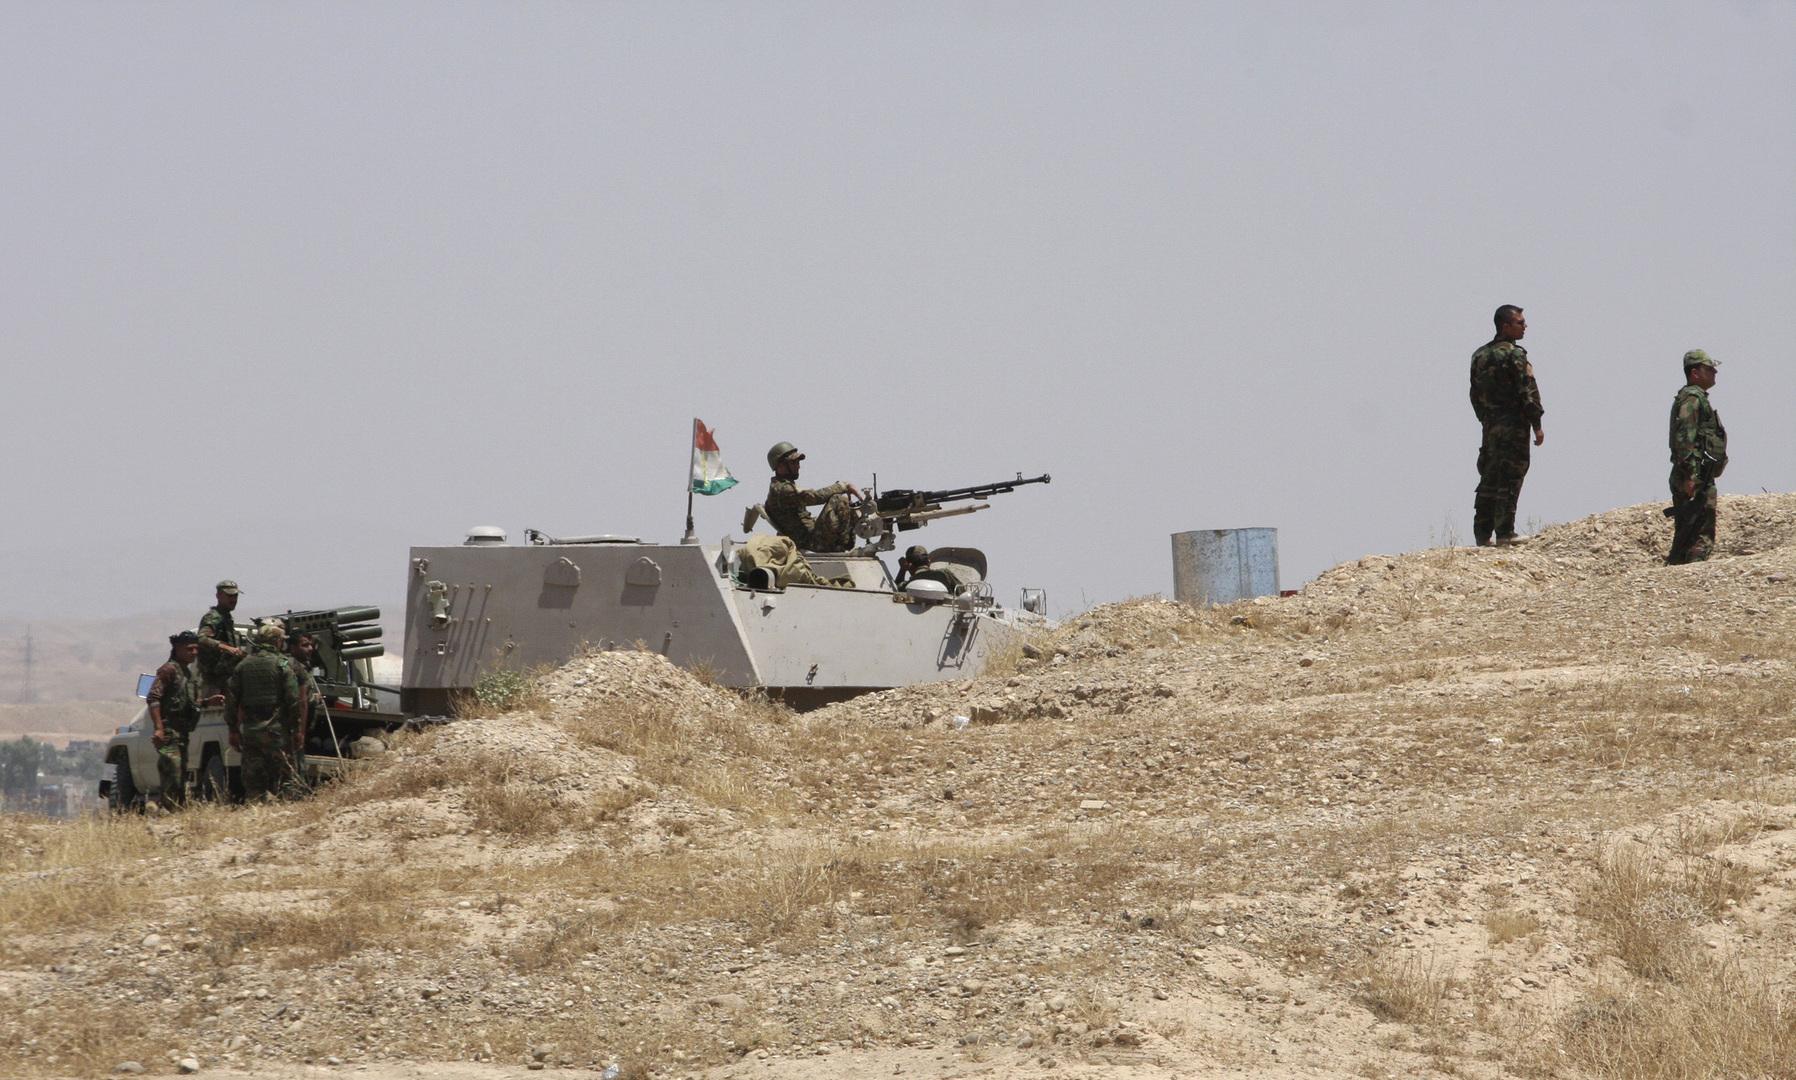 عناصر من قوات الأمن الكردية